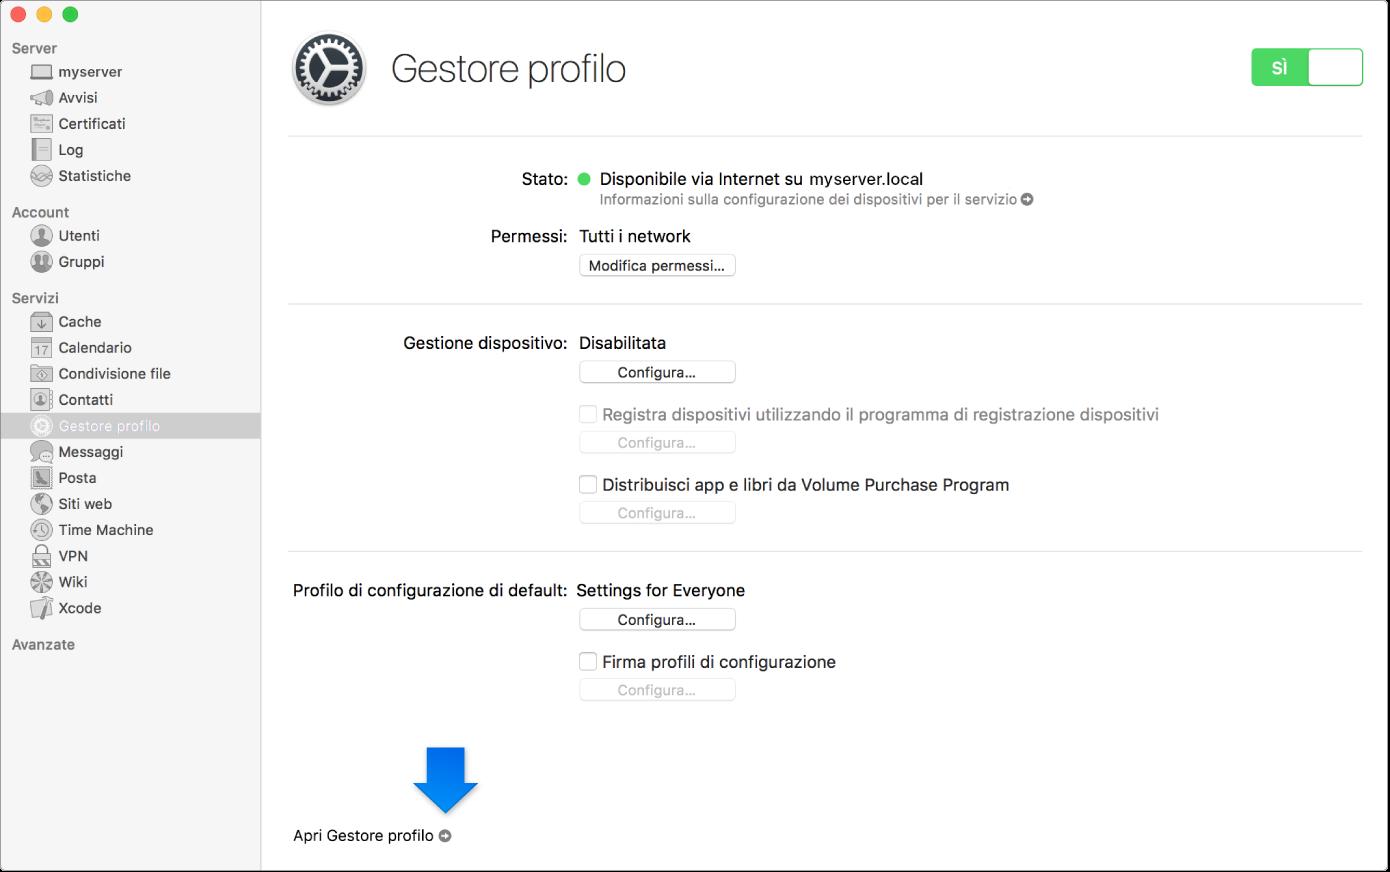 La freccia indica il link all'app web di Gestore profilo.